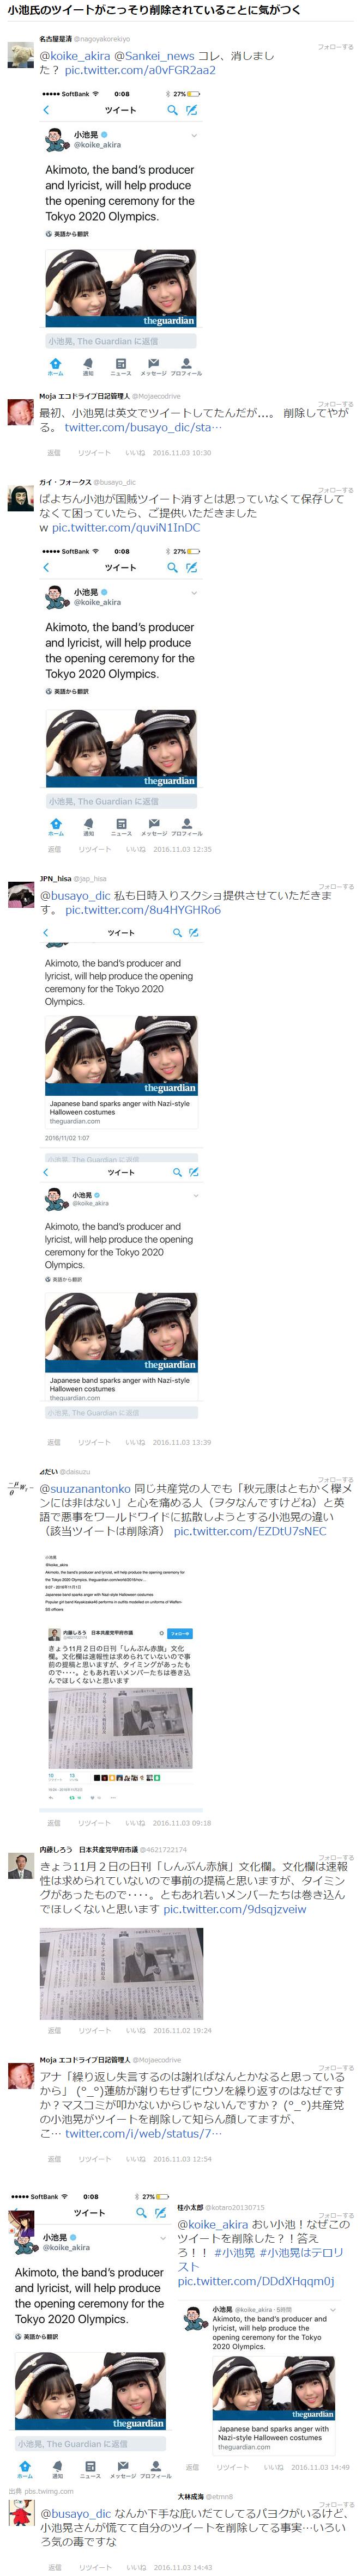 欅坂46騒動に日本共産党、小池晃2